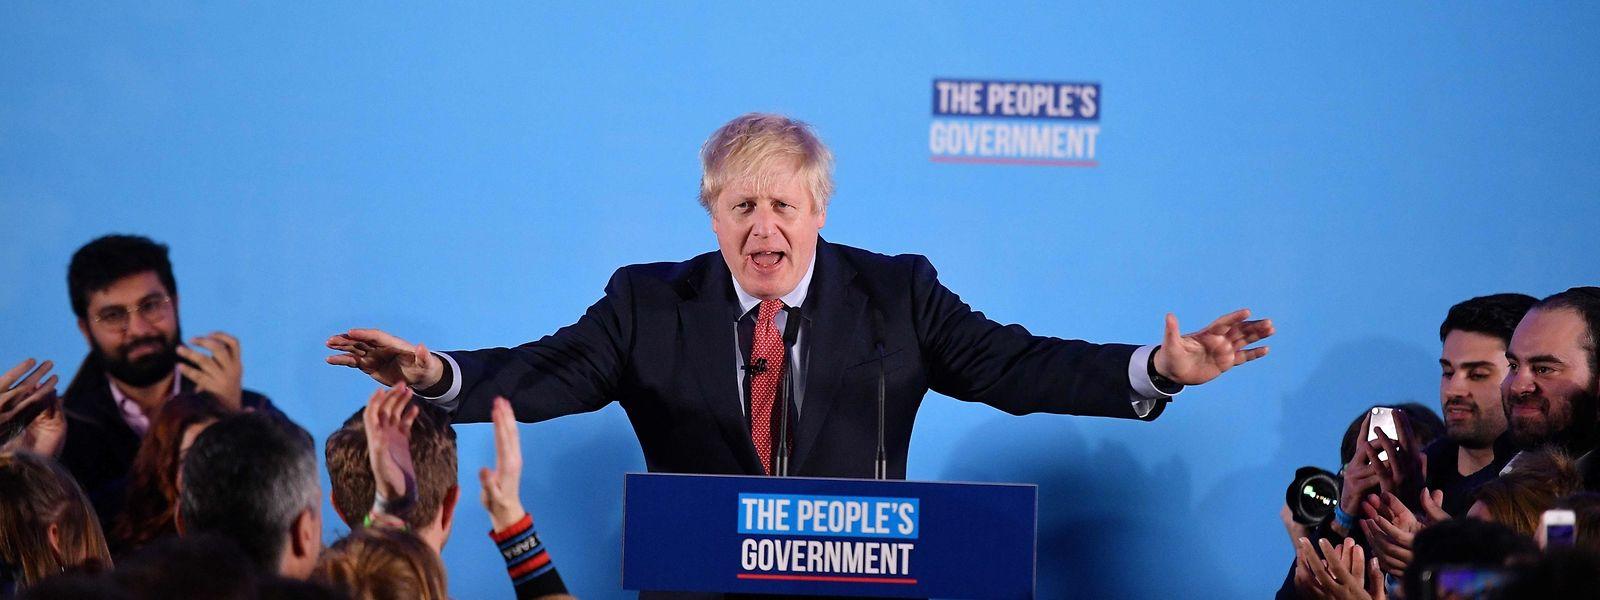 Premierminister Boris Johnson bei einer Rede am Freitagmorgen.